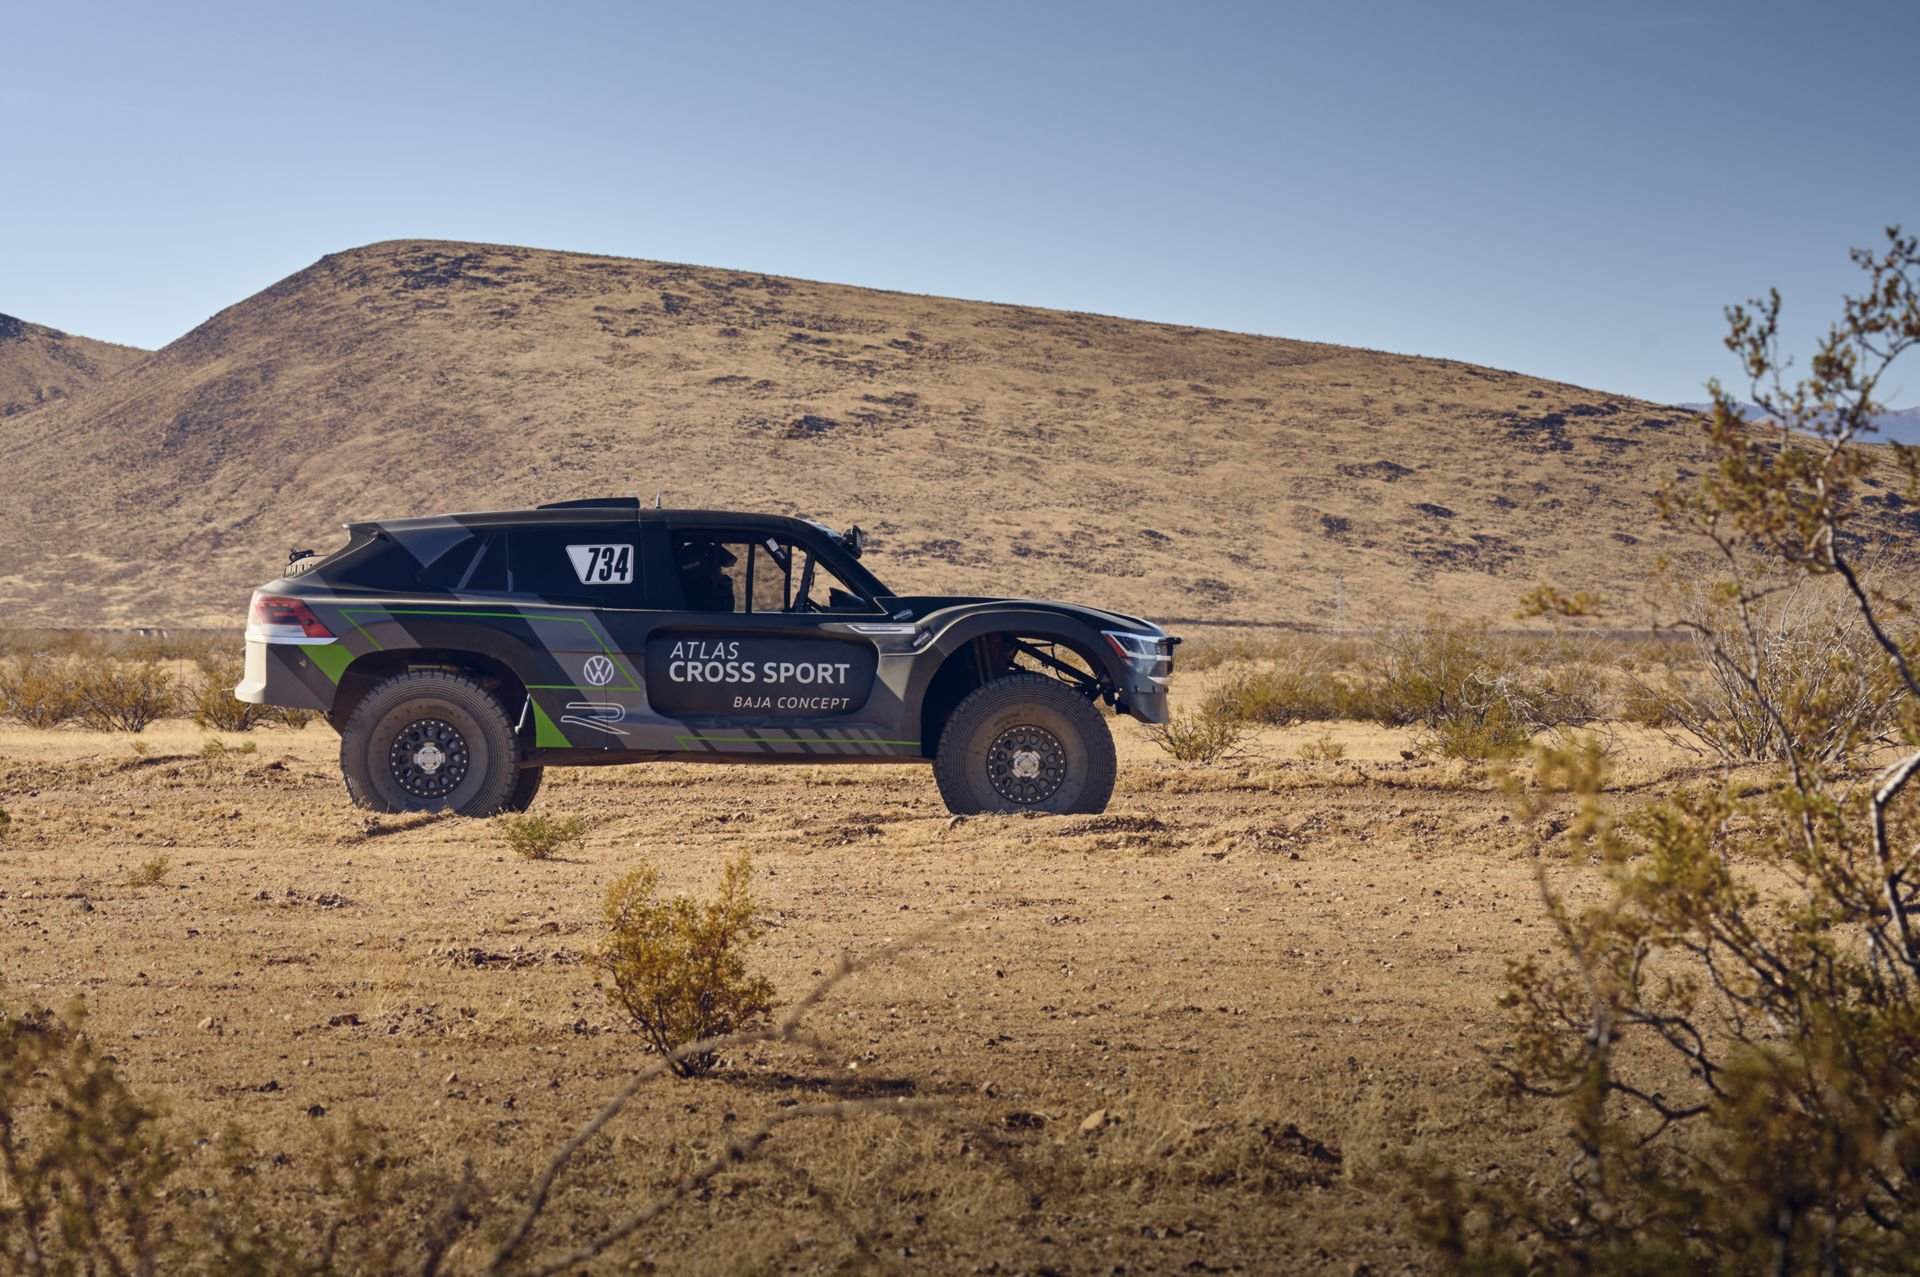 Volkswagen-Atlas-Cross-Sport-Baja-Concept-8